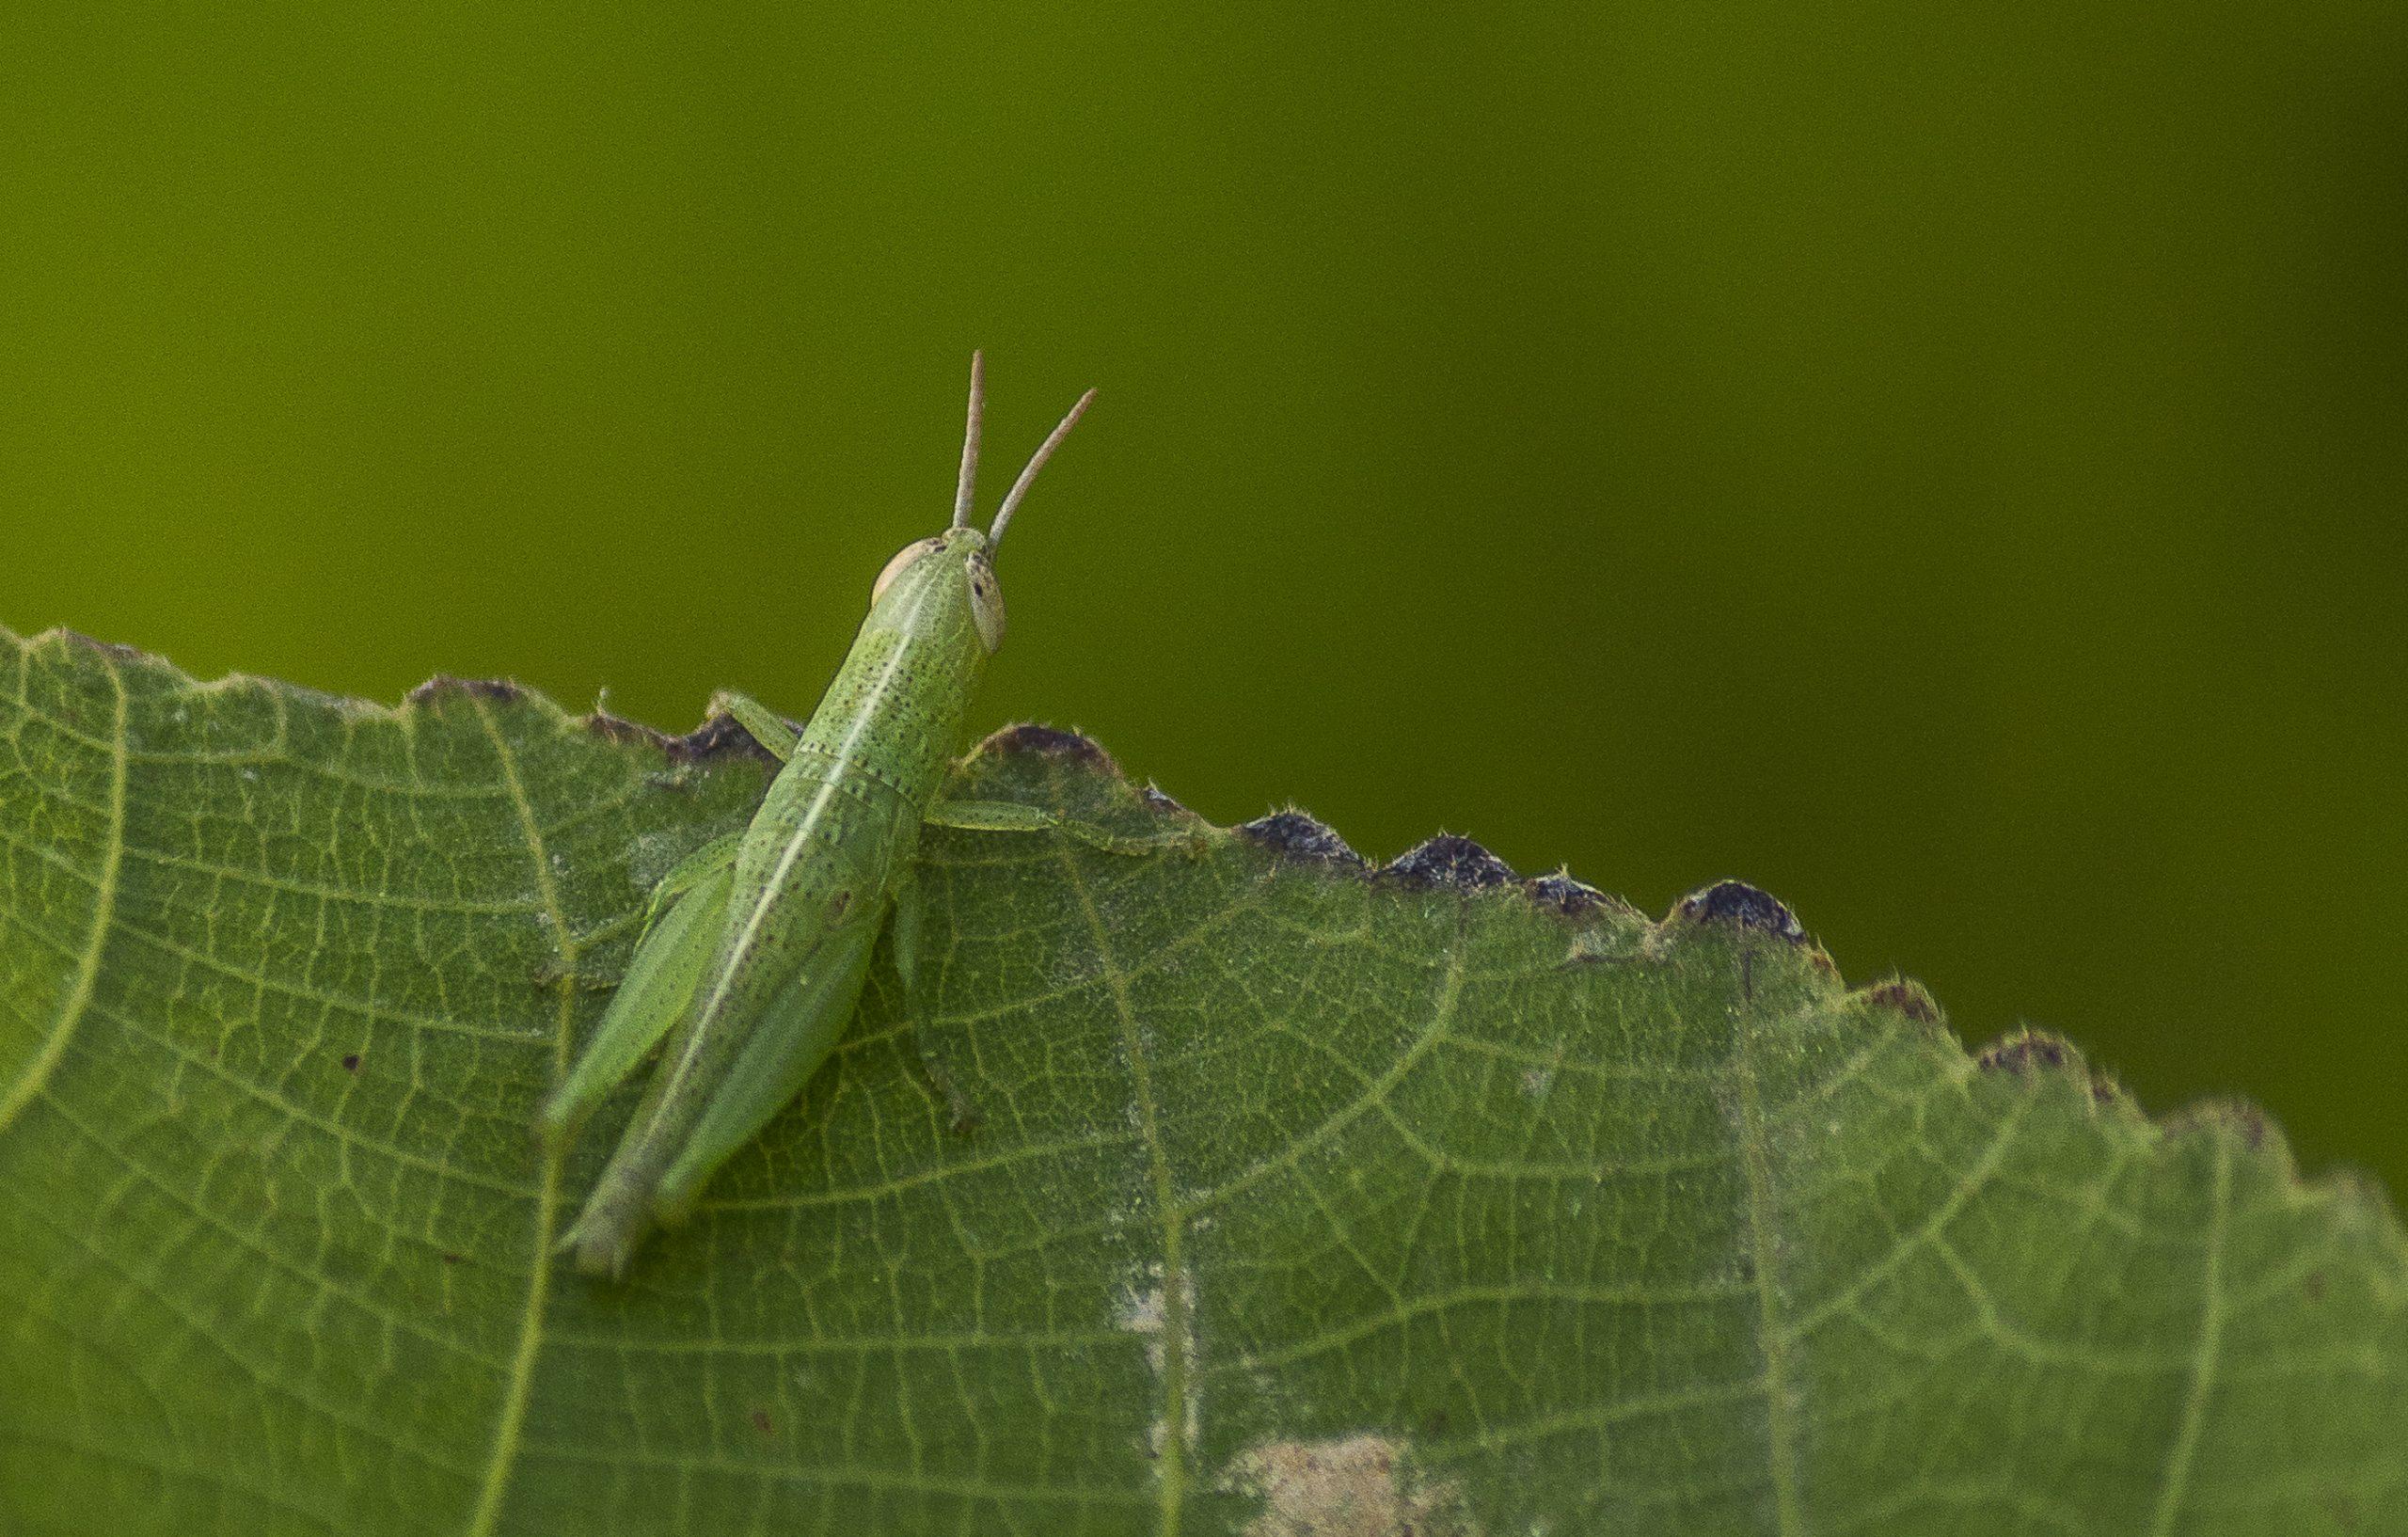 A grasshopper on a green leaf